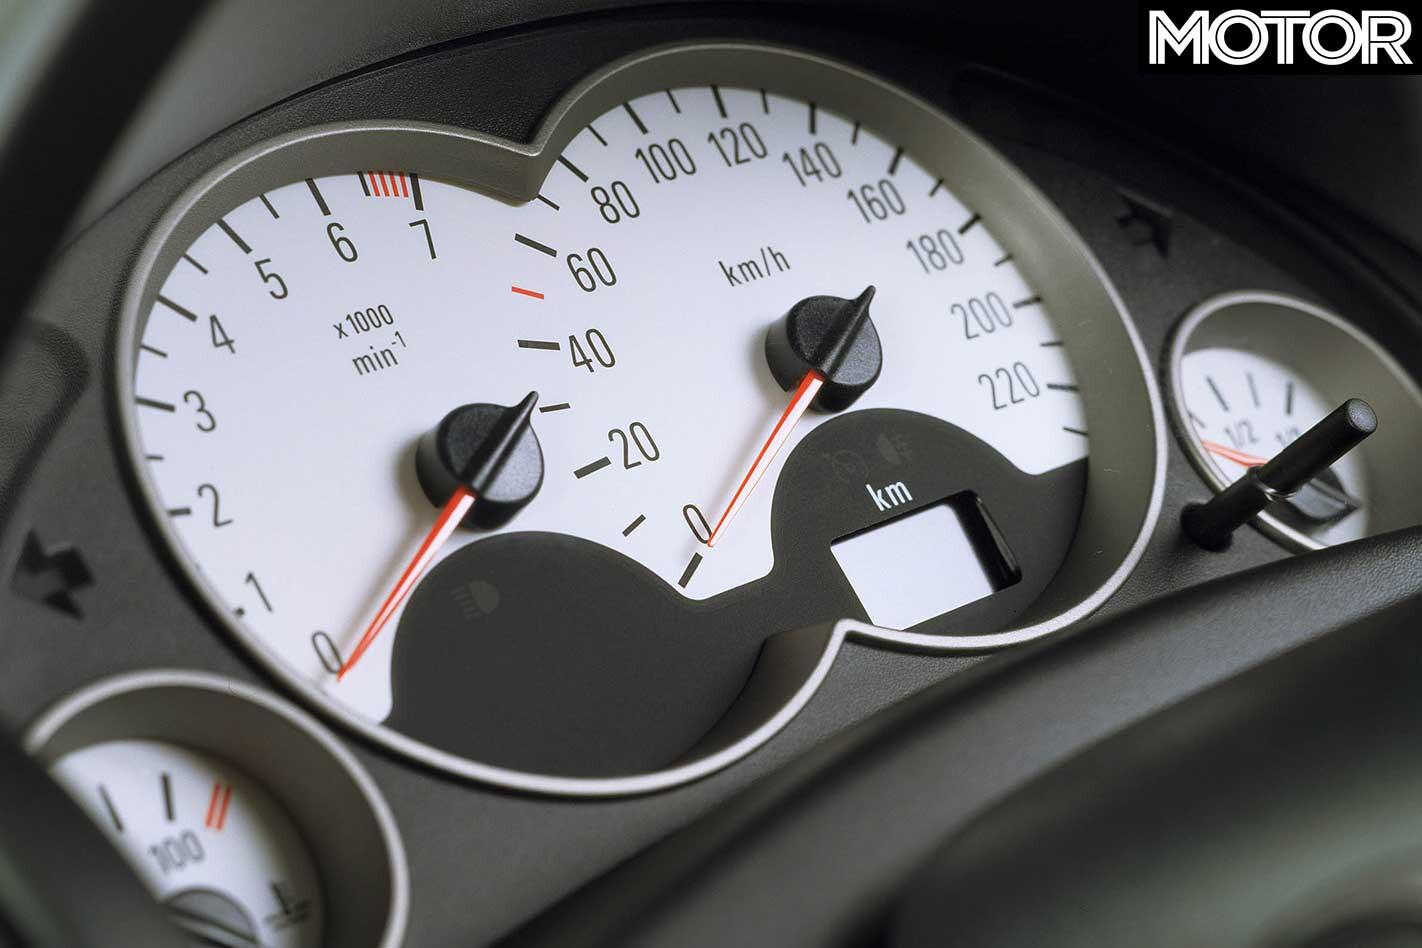 2001 Holden Barina S Ri Instrumentation Jpg